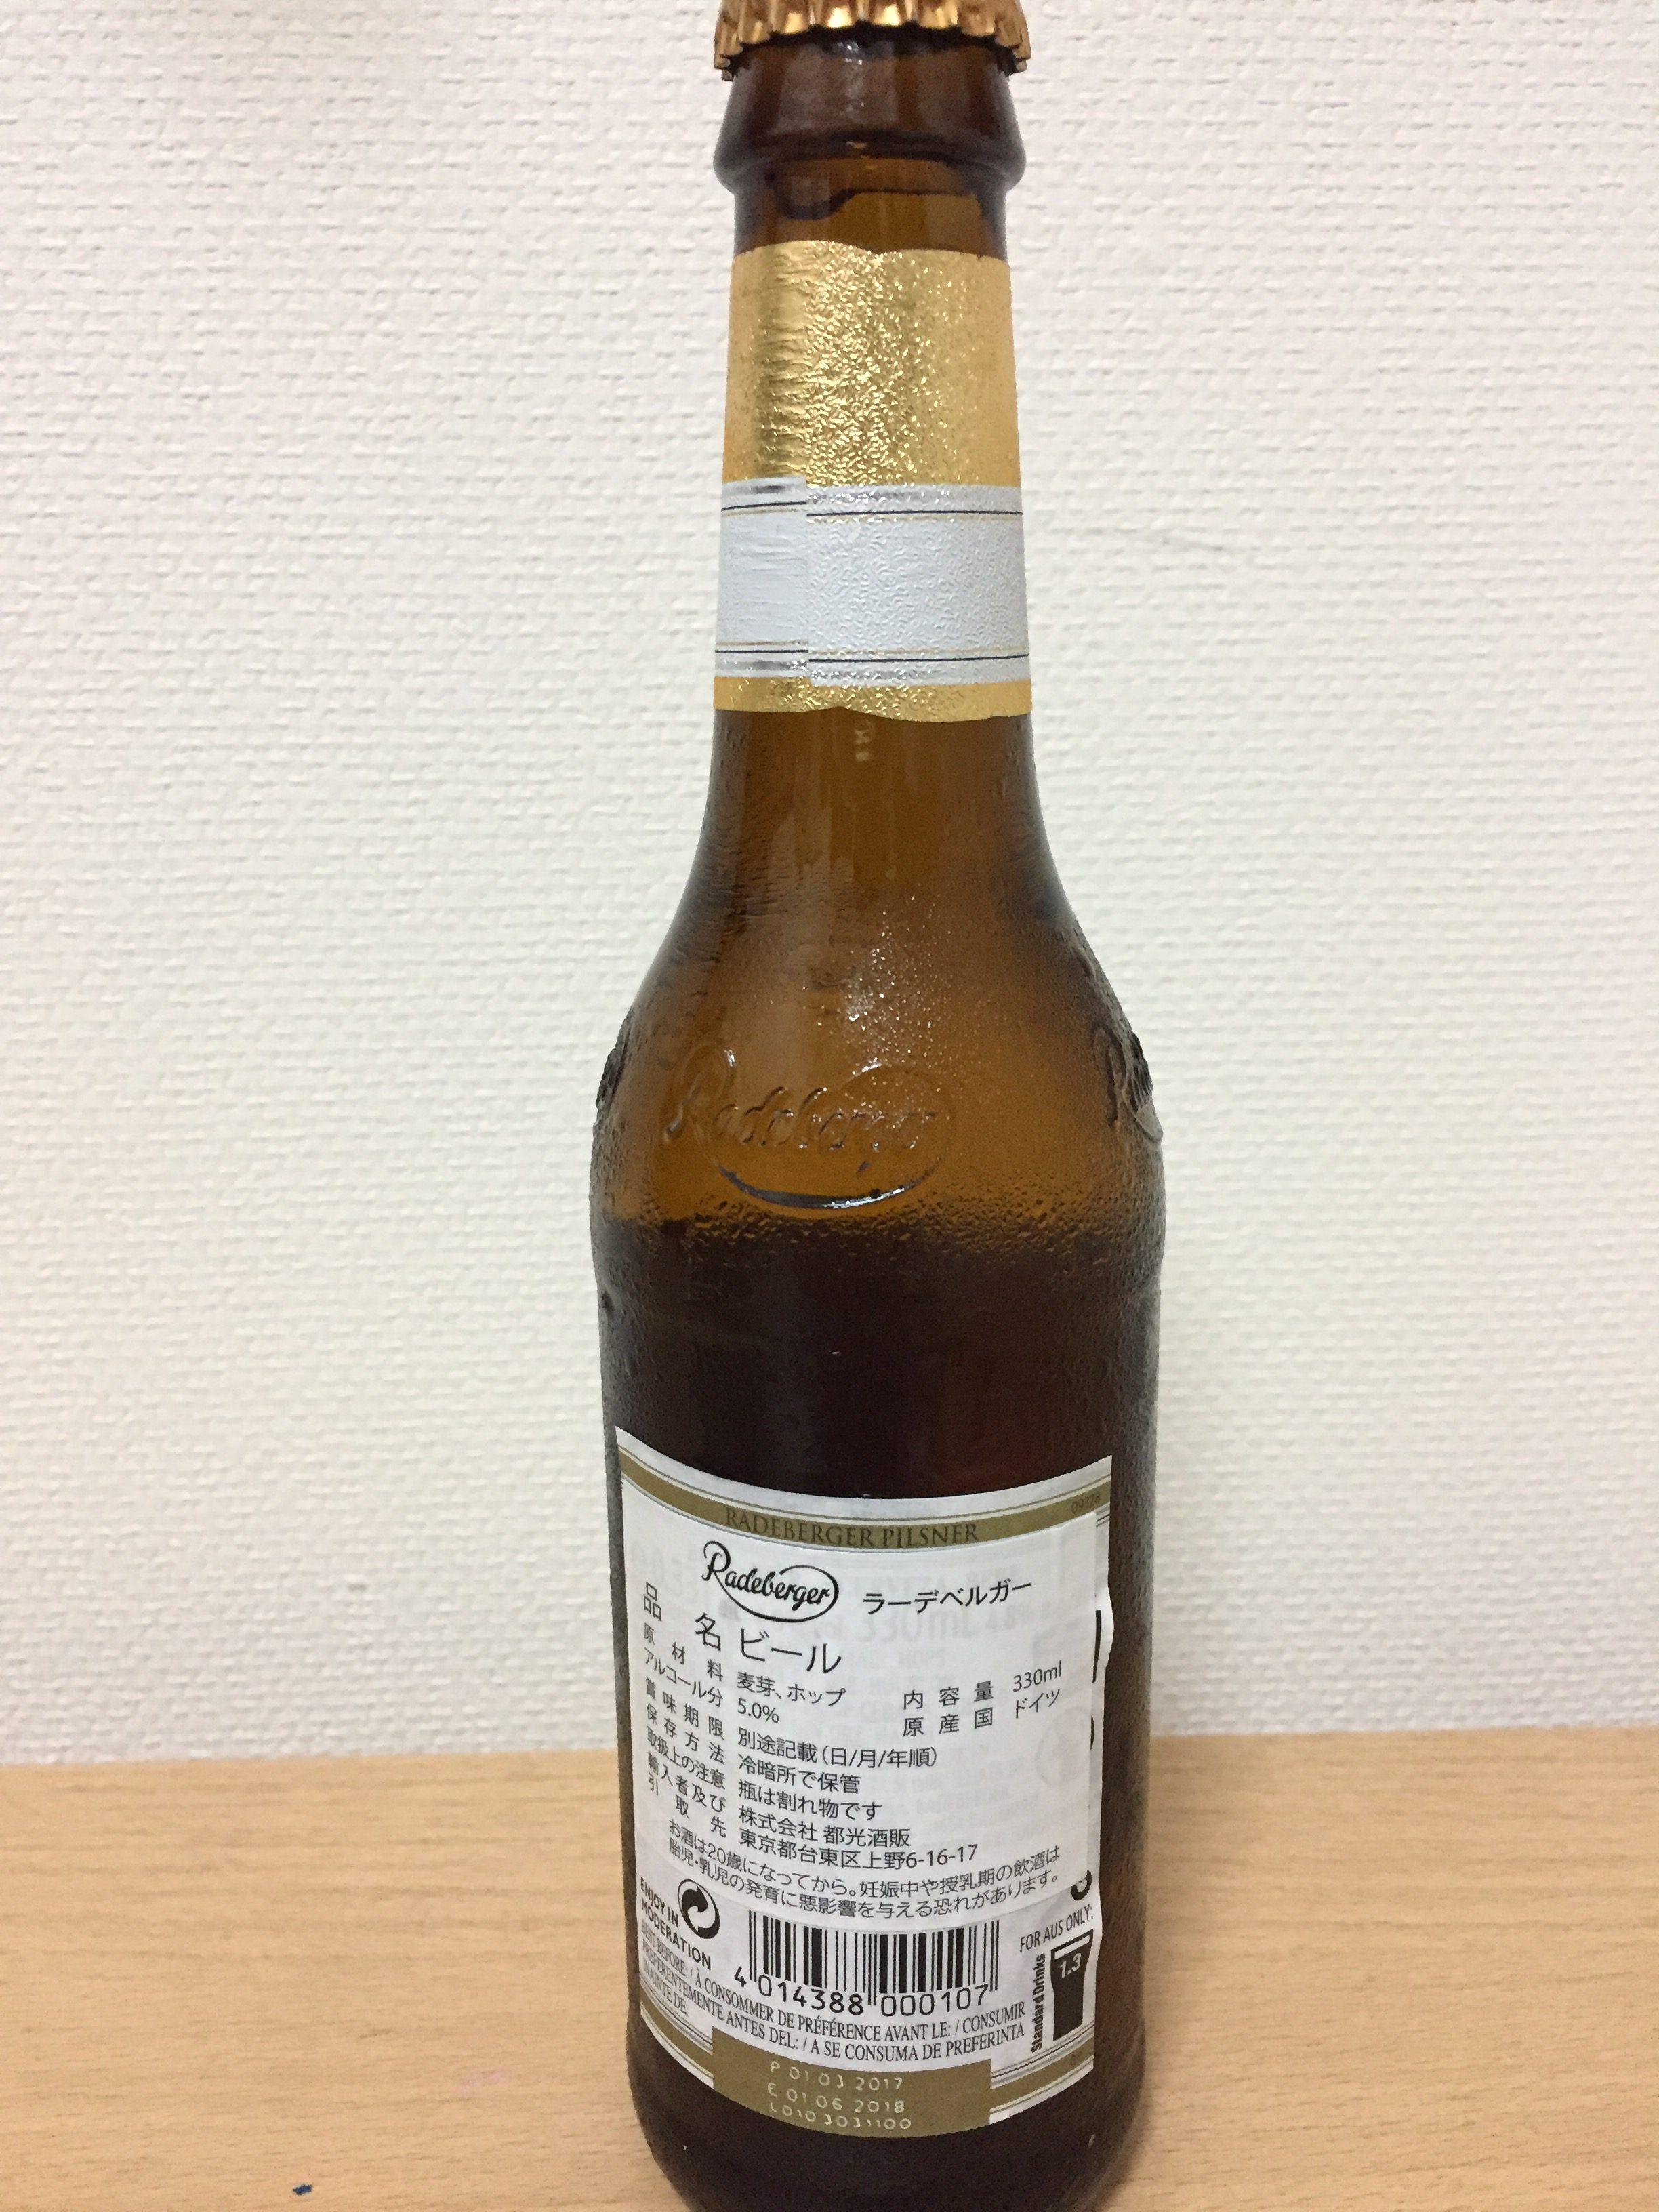 ドイツビール「ラーデベルガー」...